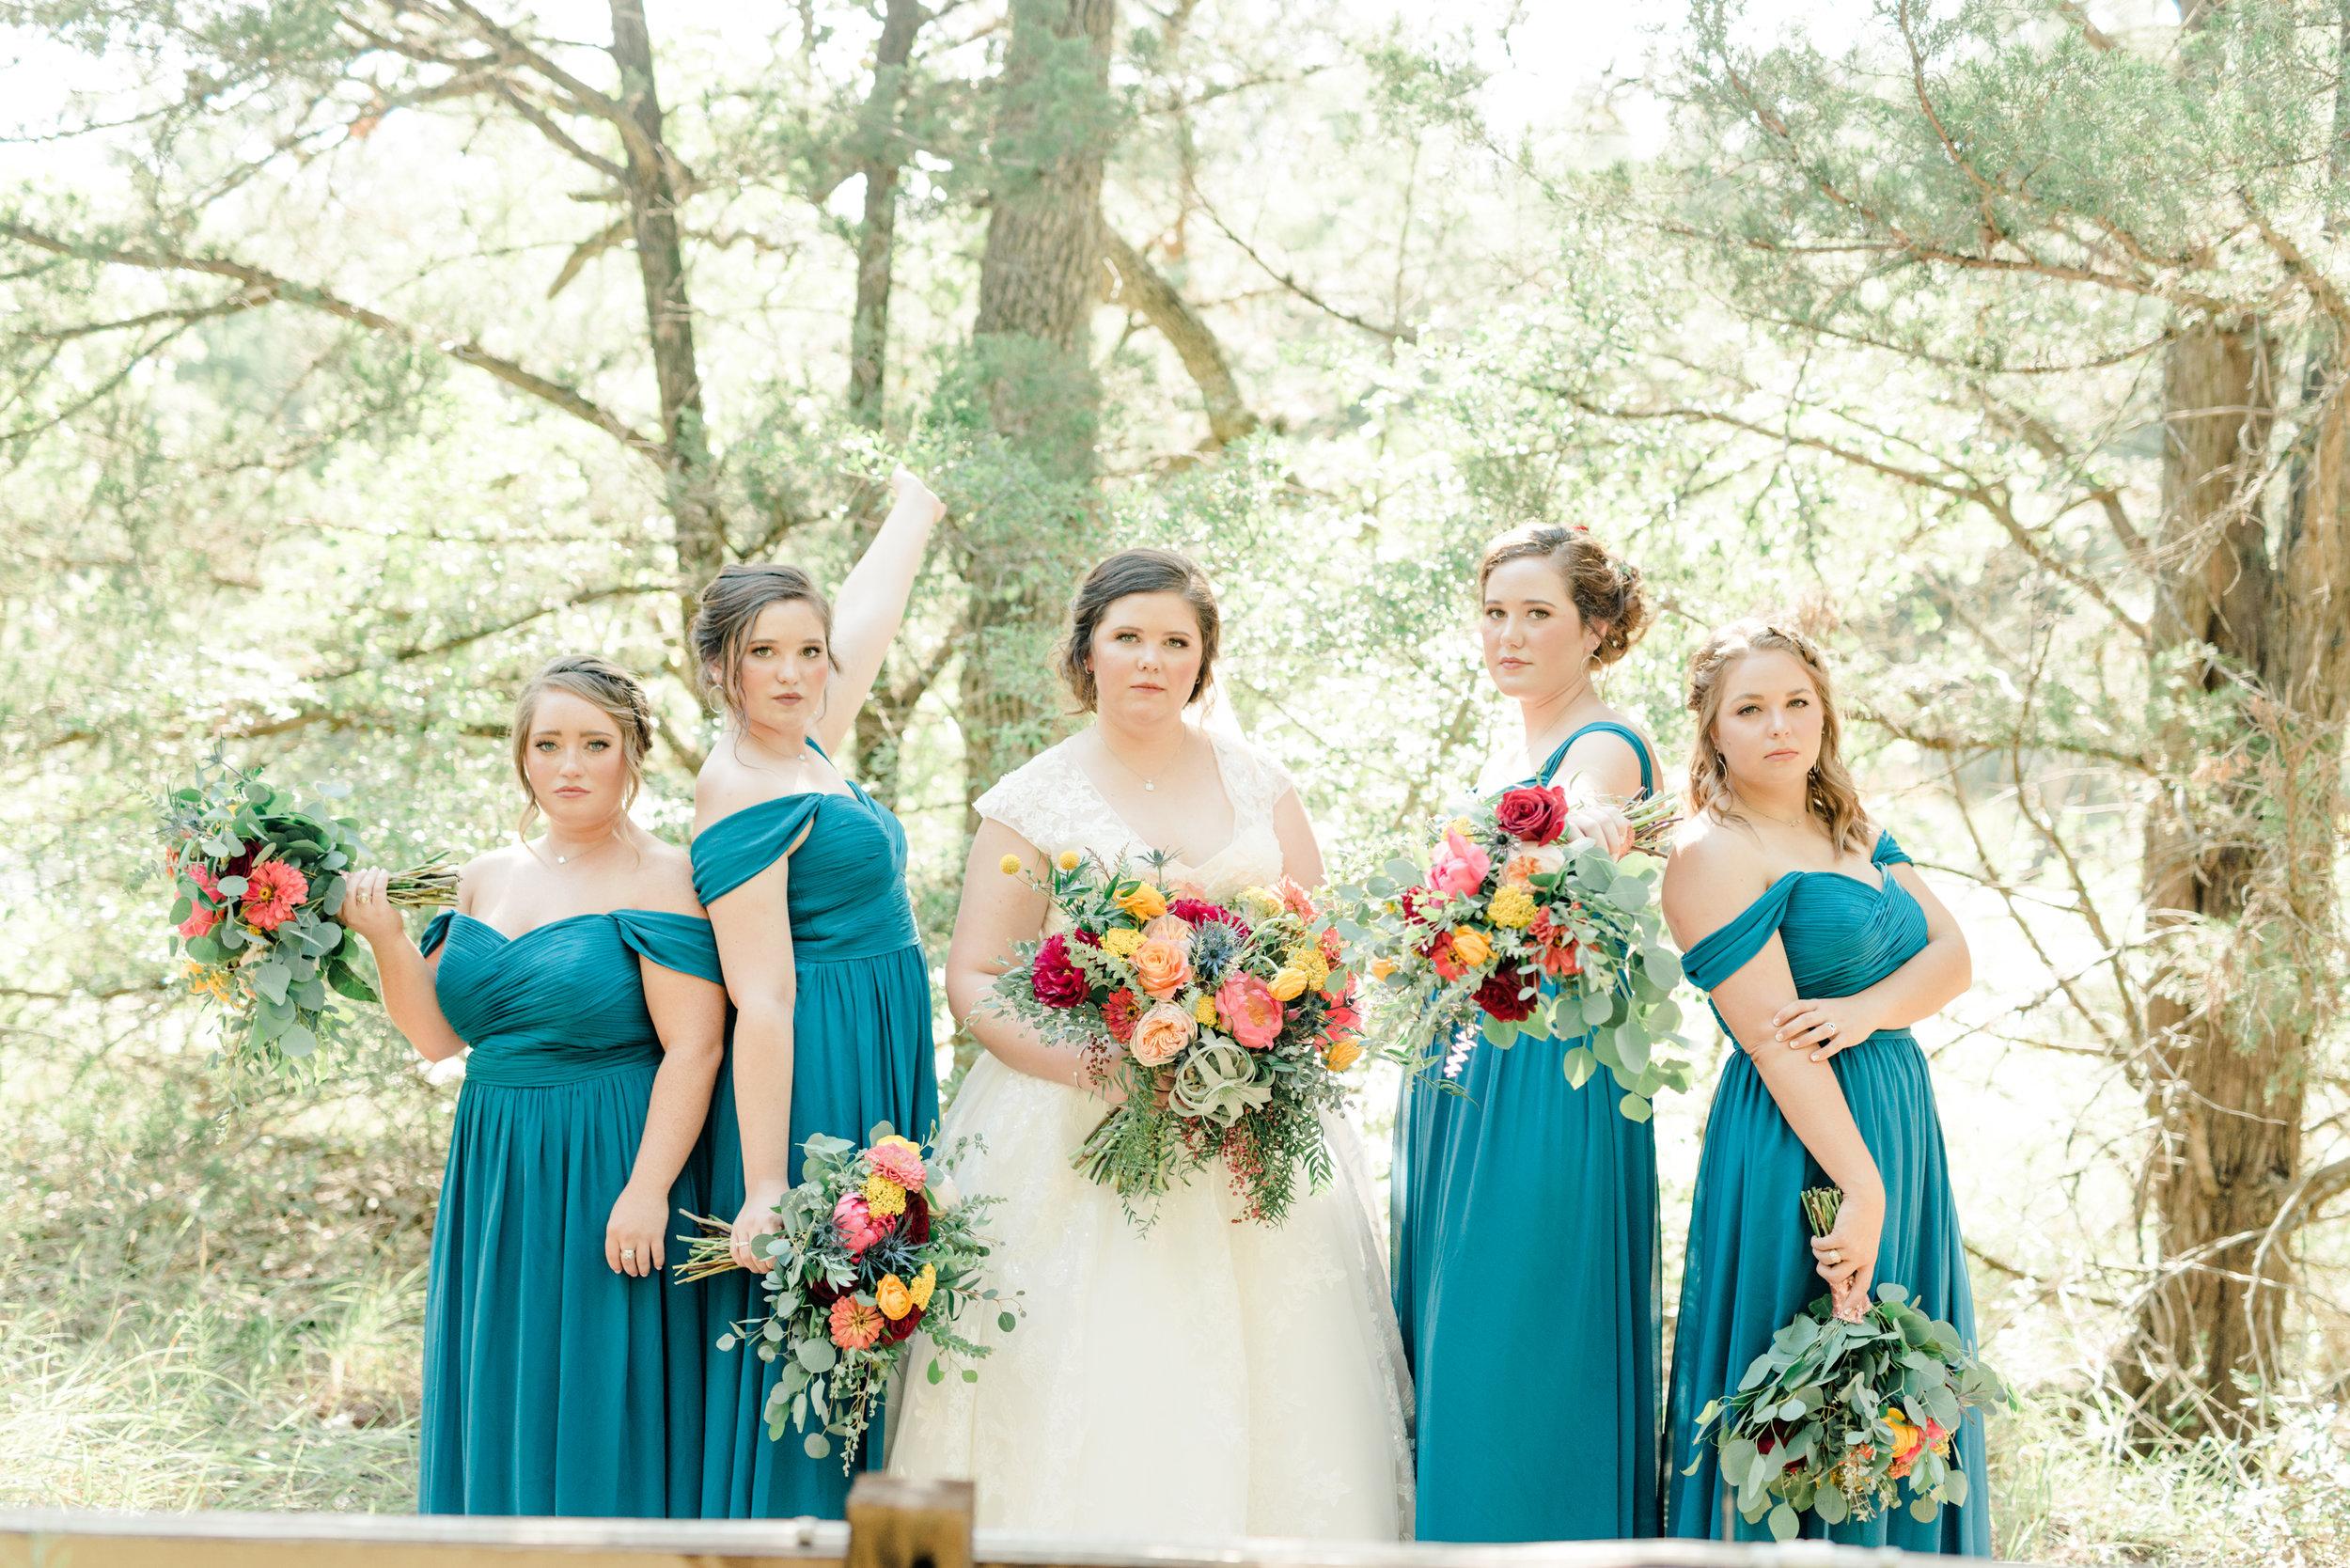 Wesley-Wedding-Ten23-Photography-397.jpg